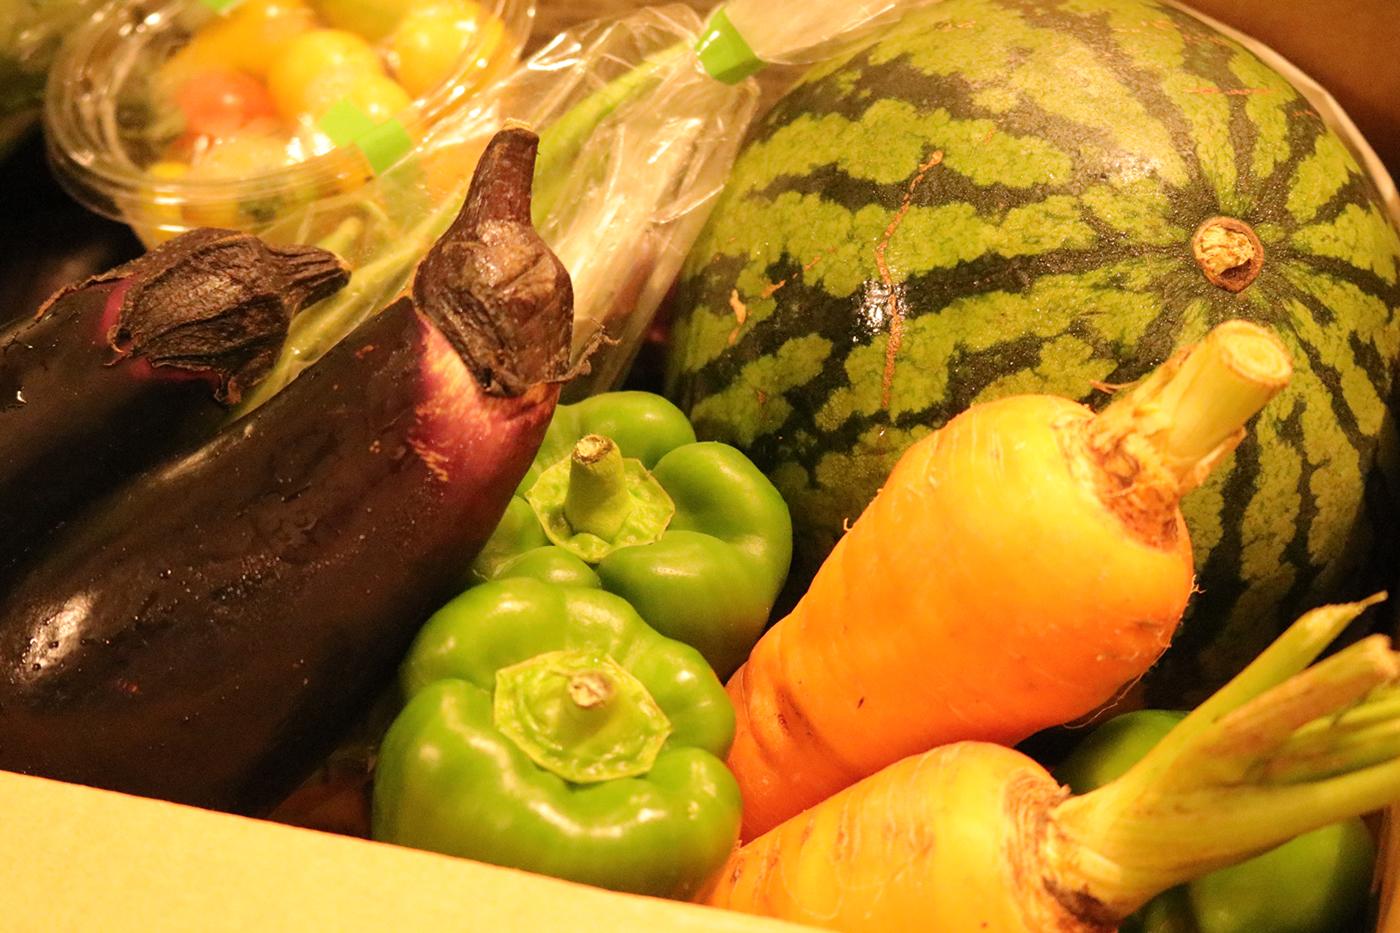 野菜BOX通販の中身